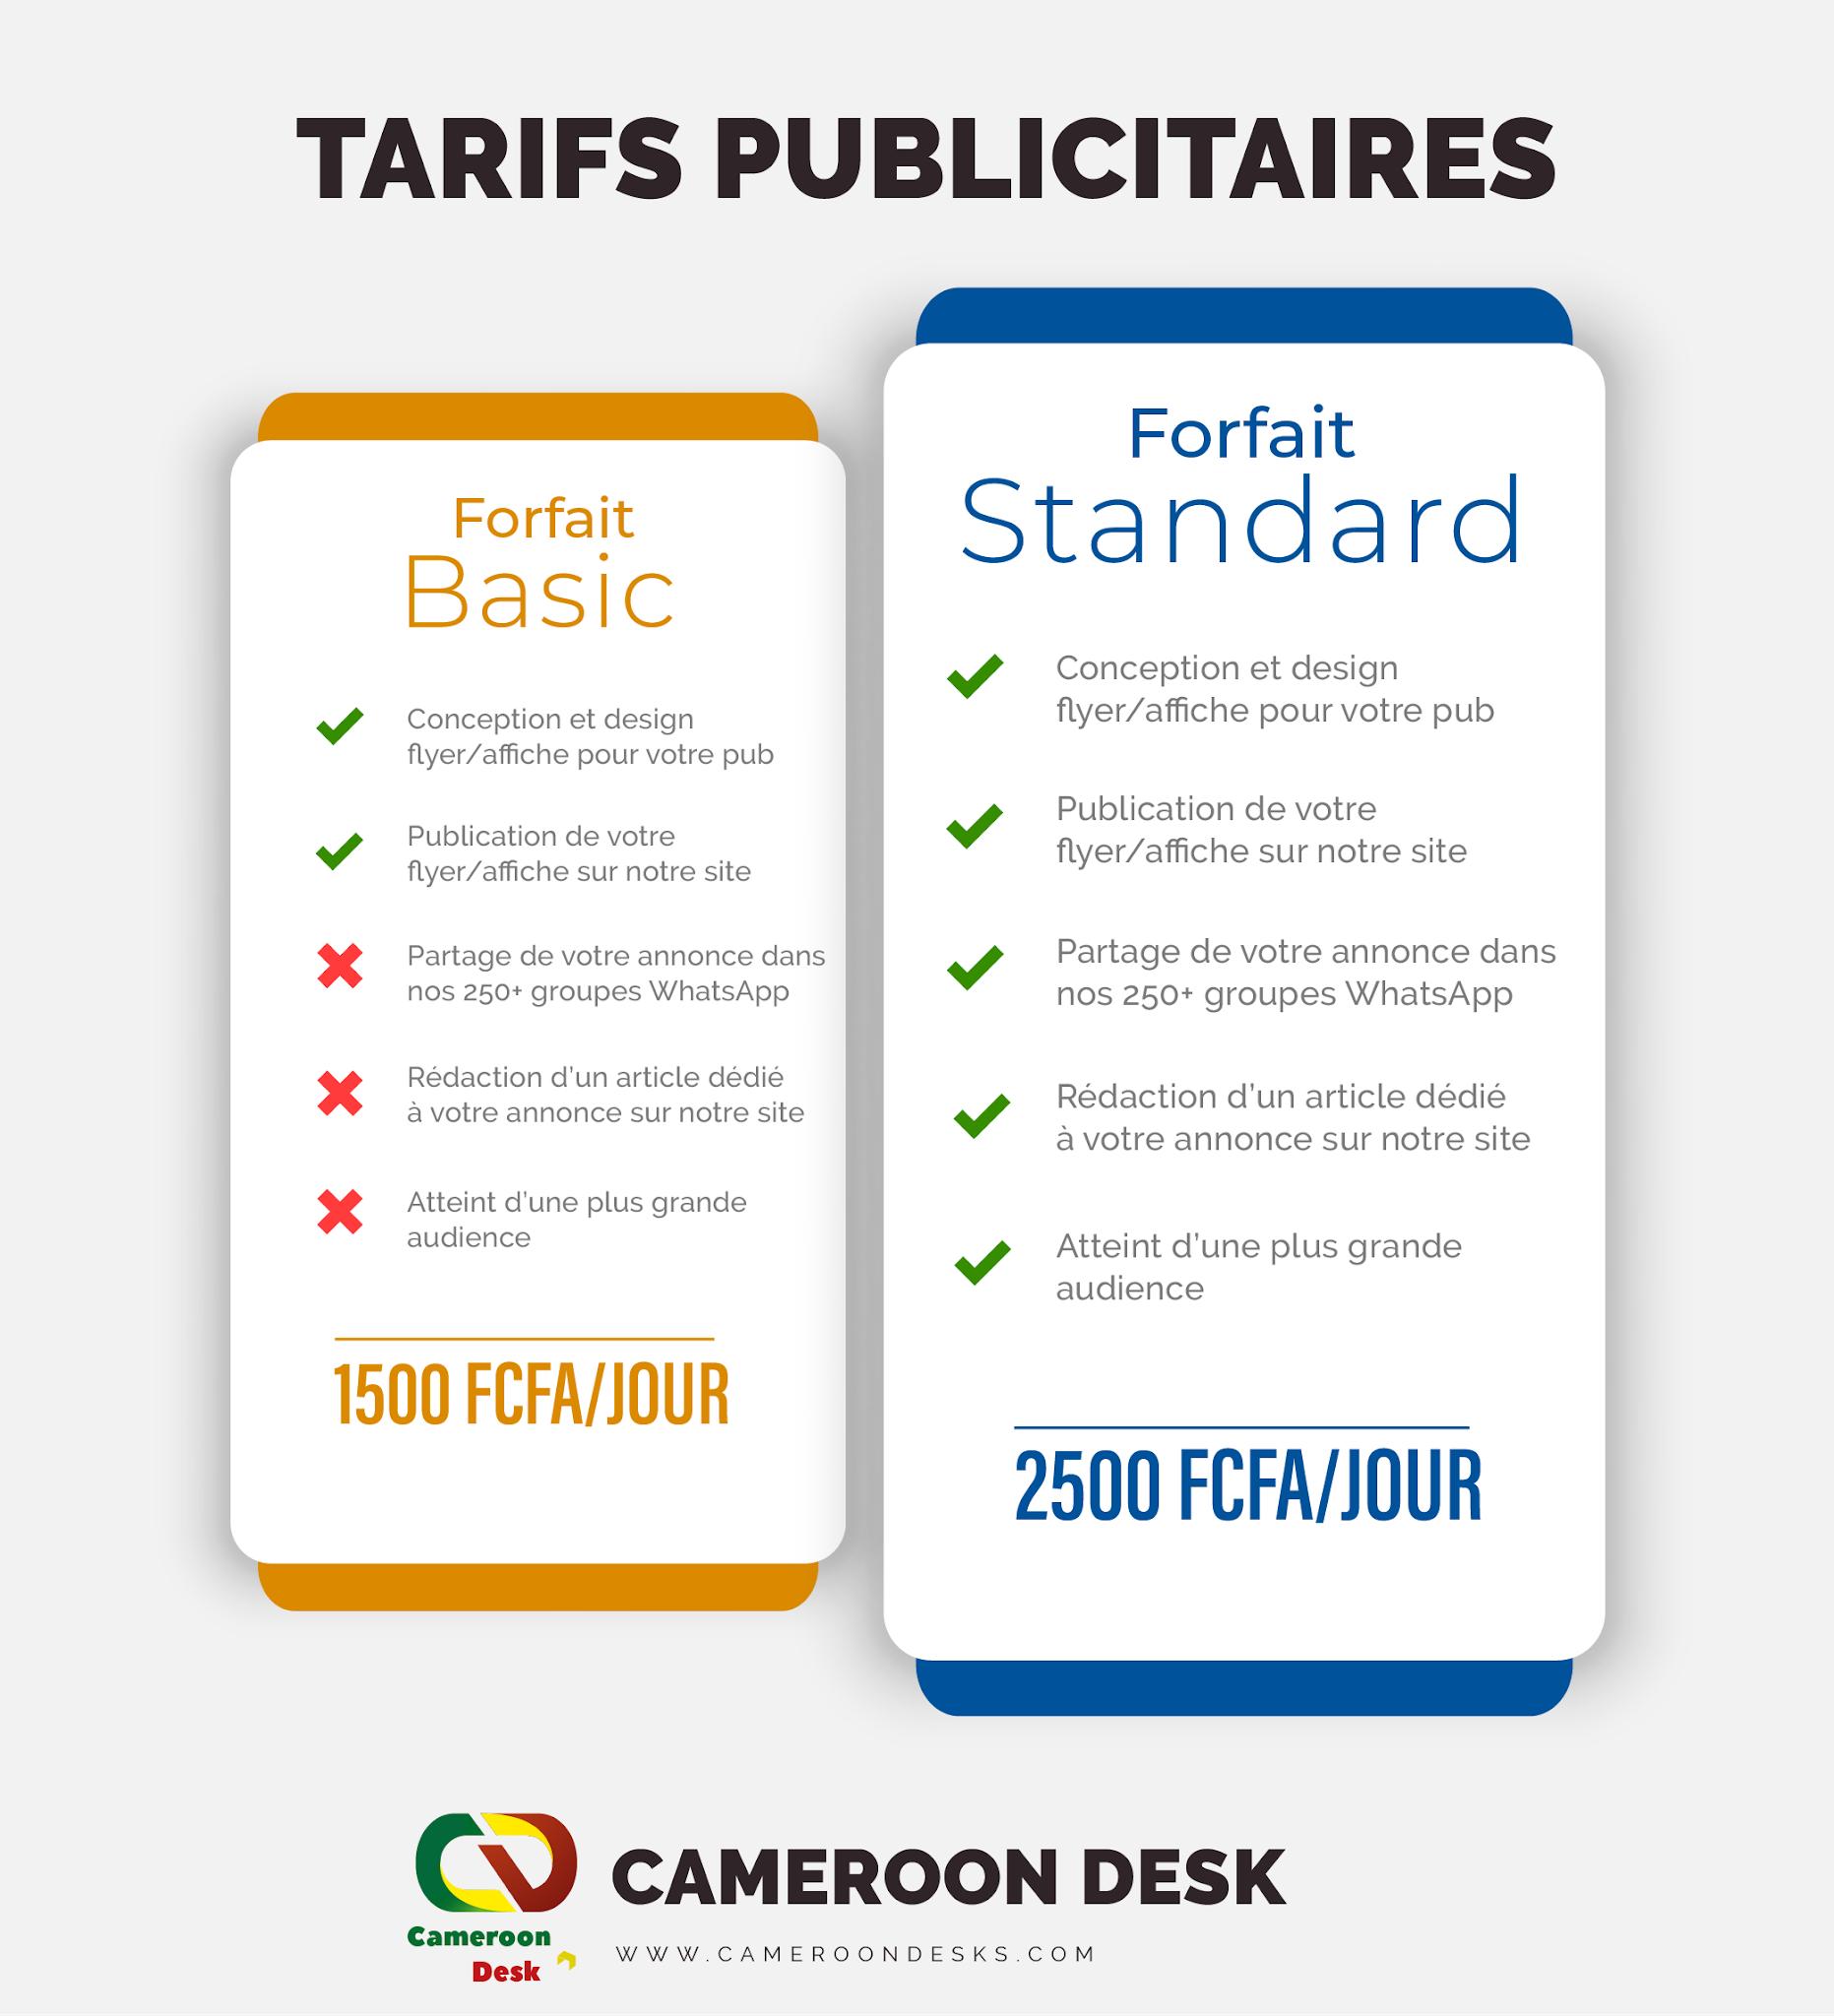 tarifs publicitaires cameroon desk